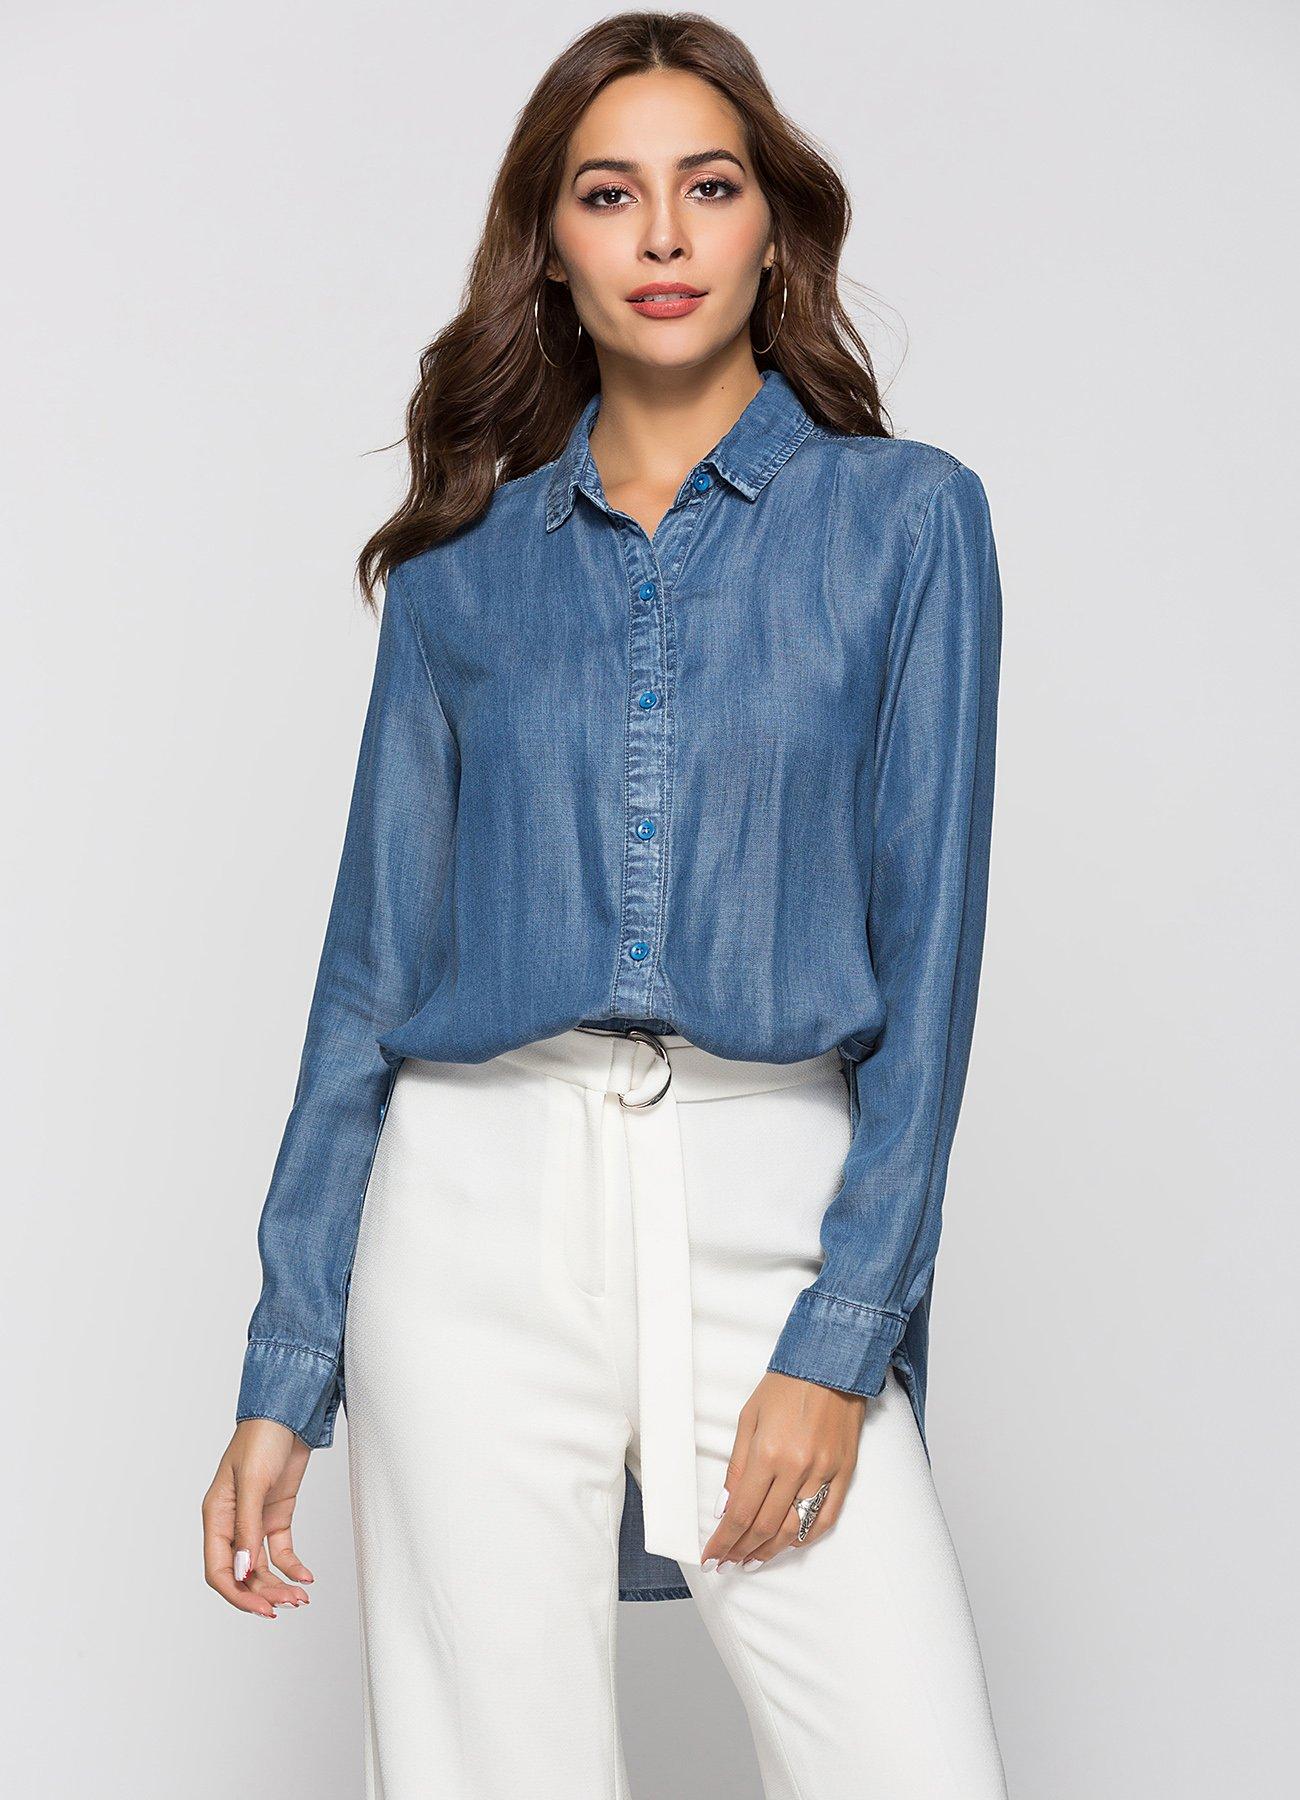 d5622d8c29dd3 Women s Denim Shirt Long Sleeve Button Down Shirts - Denim Fit